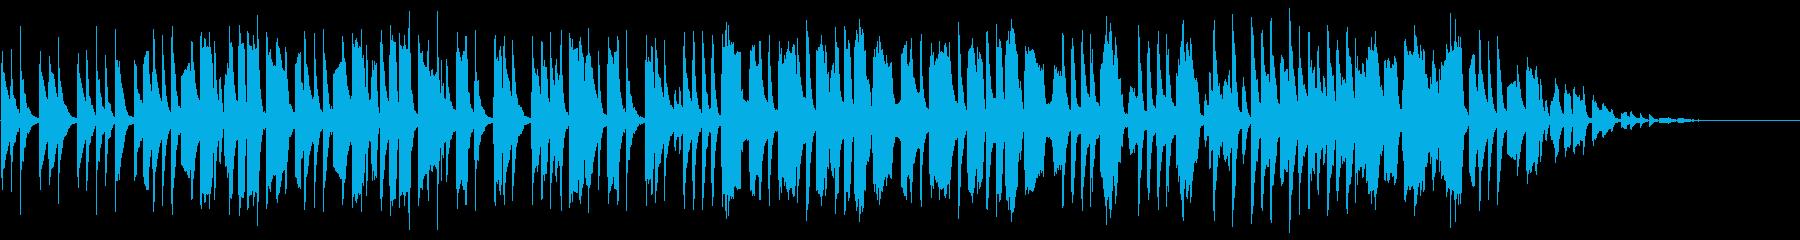 弦楽器と管楽器のほのぼのとしたBGMの再生済みの波形